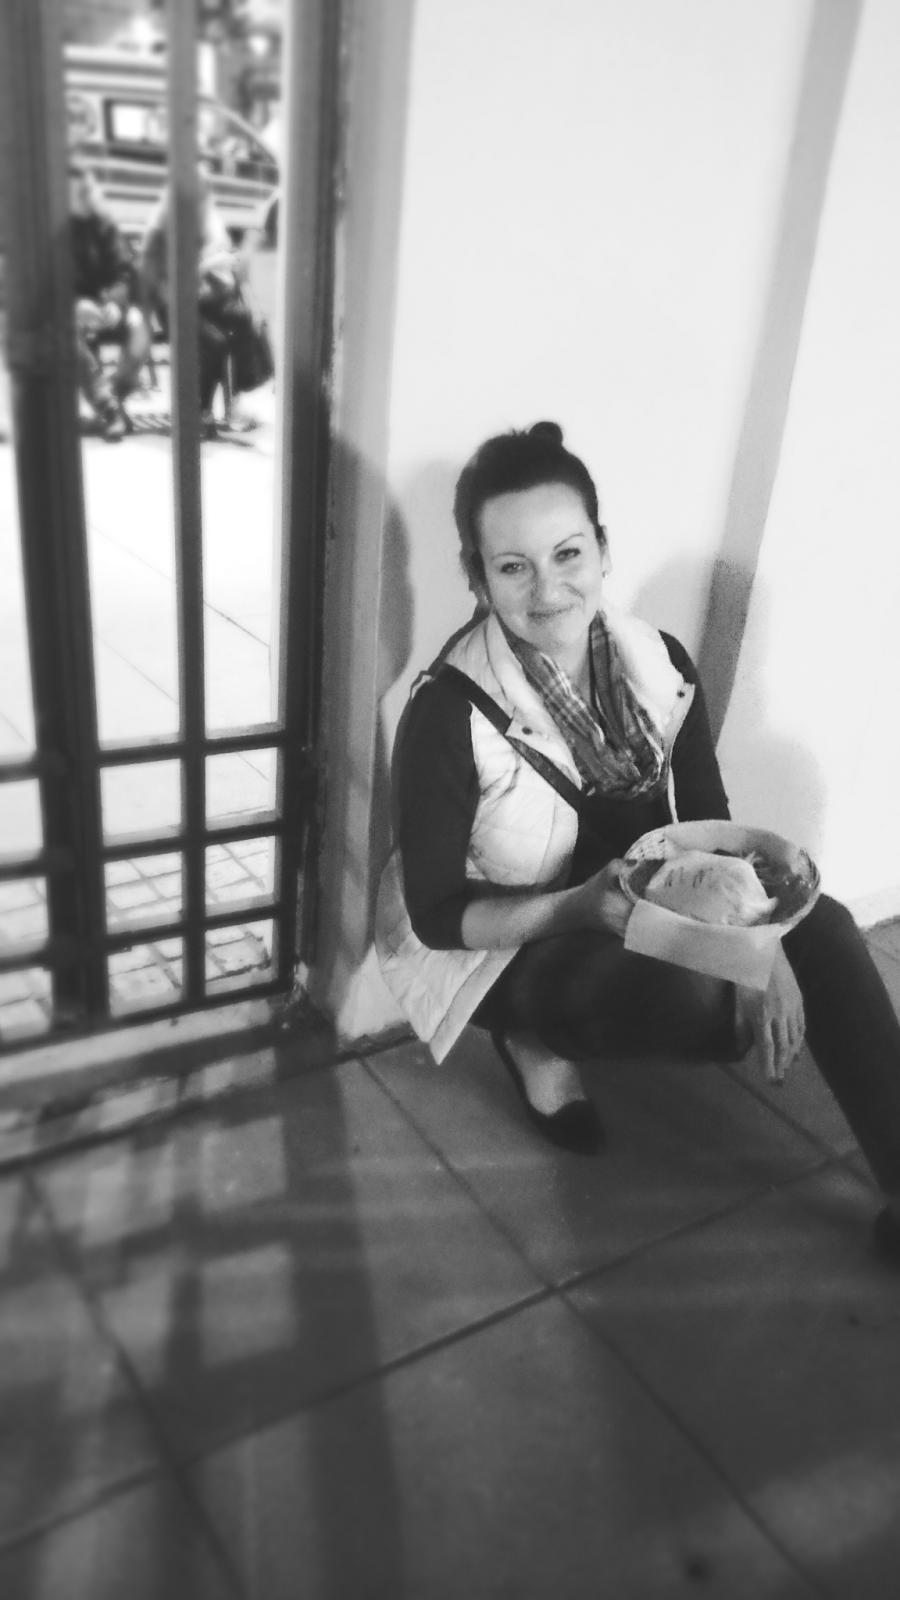 hamburgery na ul.Piotrkowskiej w Łodzi,najlepsze hamburgery w Łodzi,polishgirl,puchowa kamizelka,uśmiechnięta dziewczyna,uśmiech,koszyk na pieczywo